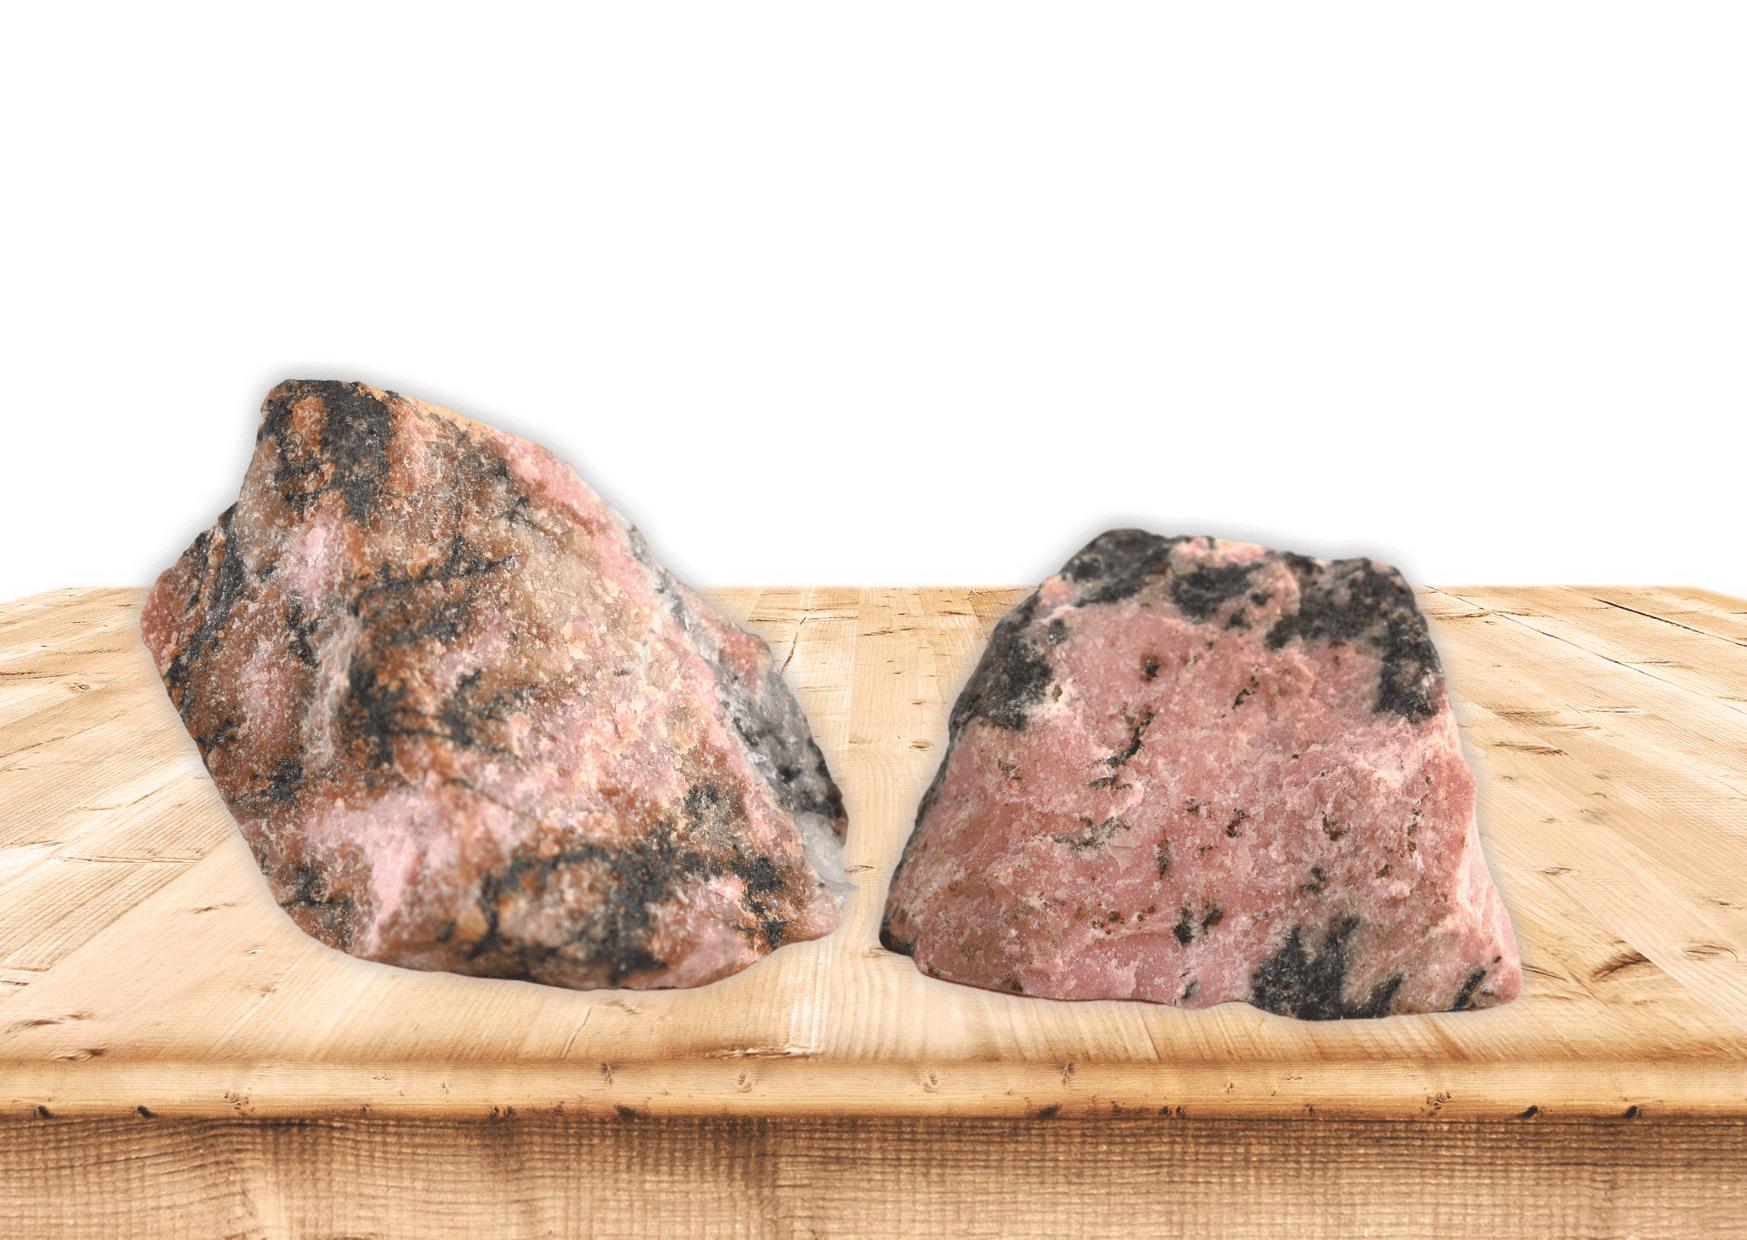 rhodonite pierre lithothérapie rose et noir brute possé sur table